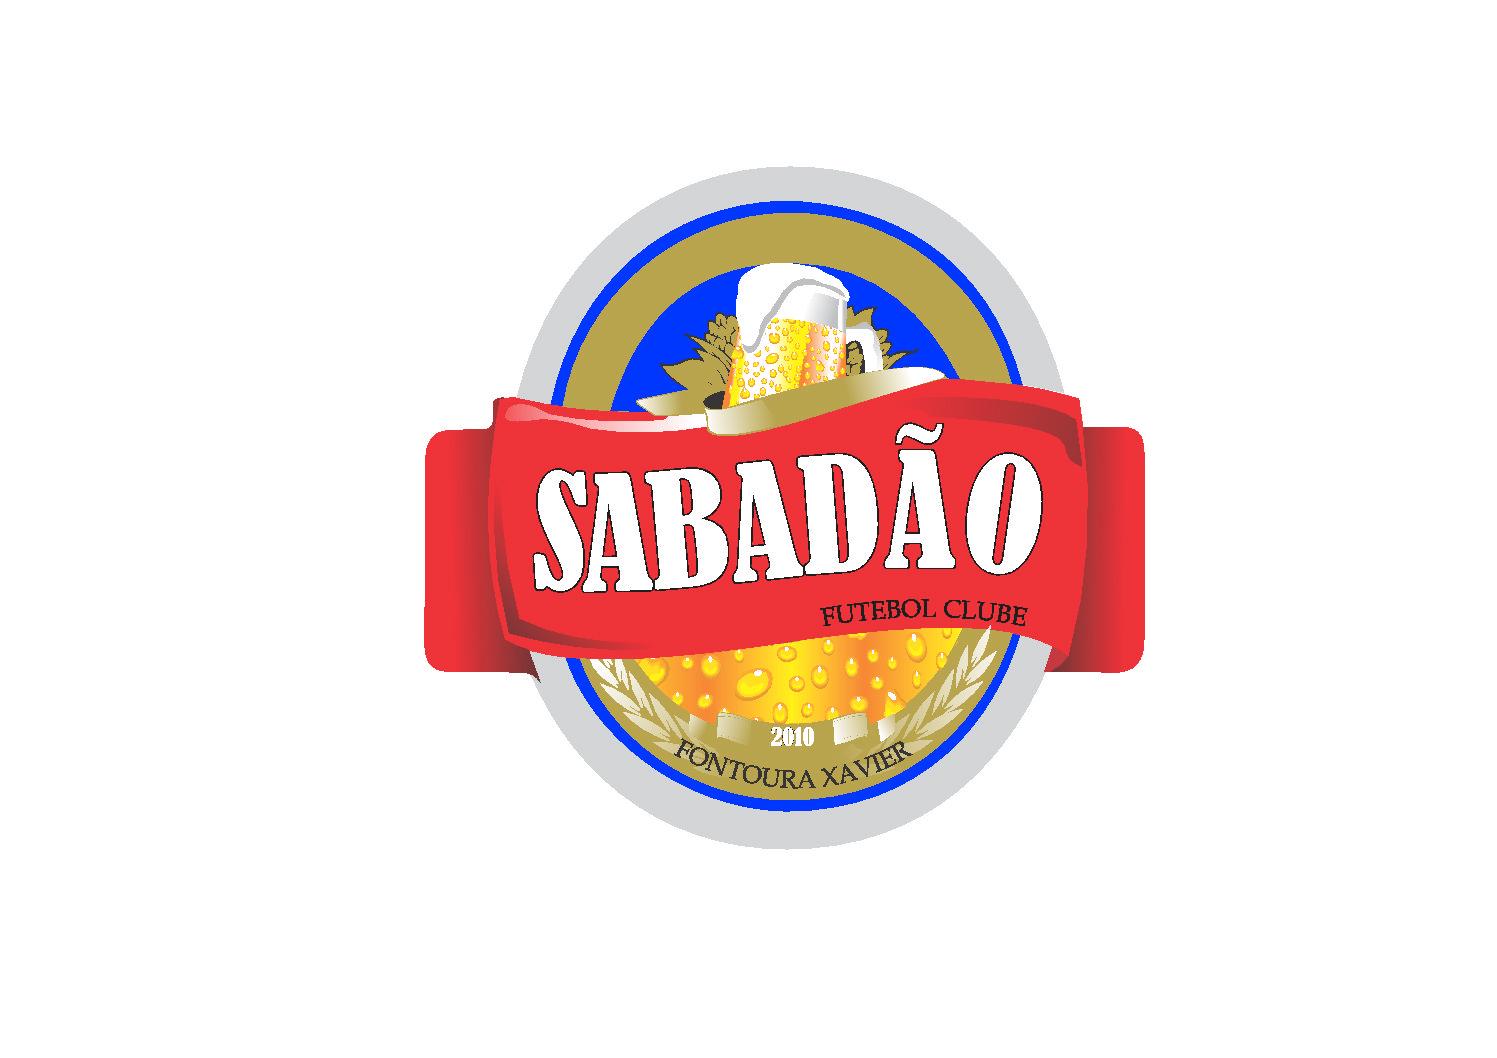 FARDAMENTO PARA EQUIPE DO SABADÃO DE FONTOURA XAVIER/RS.